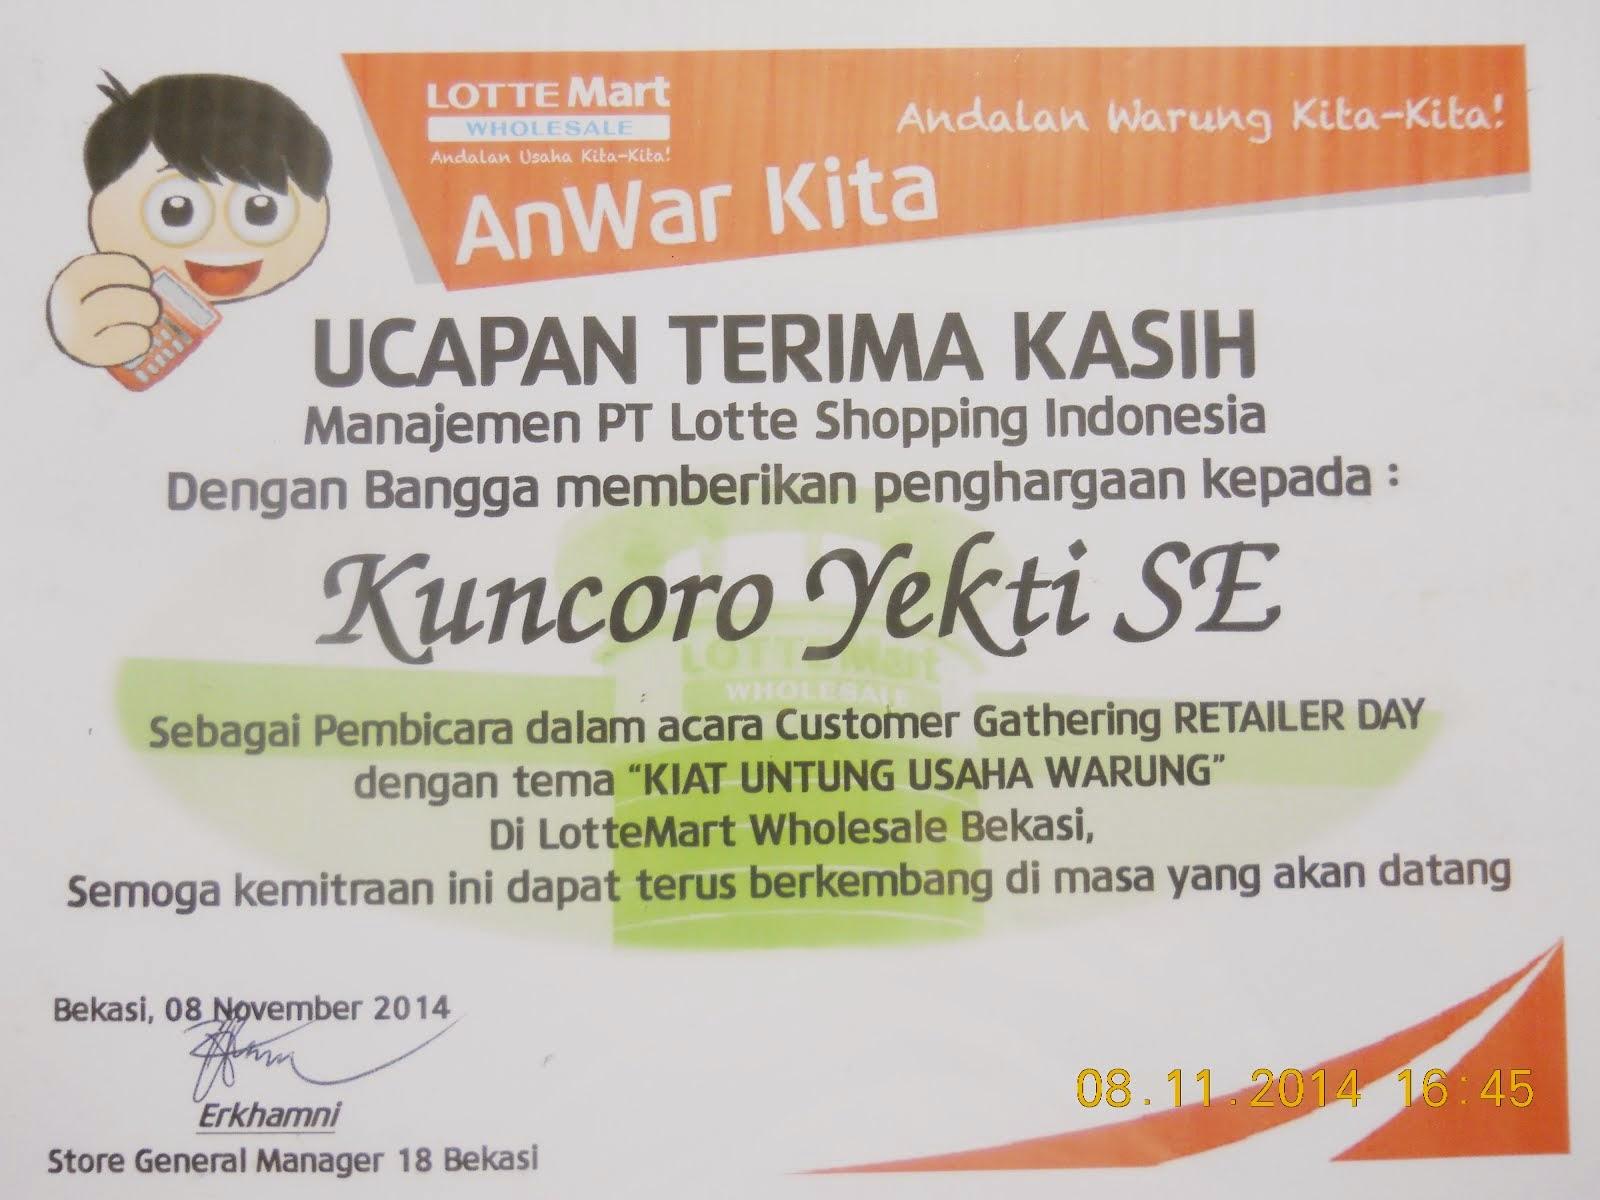 Apresiasi Dari LotteMart Indonesia